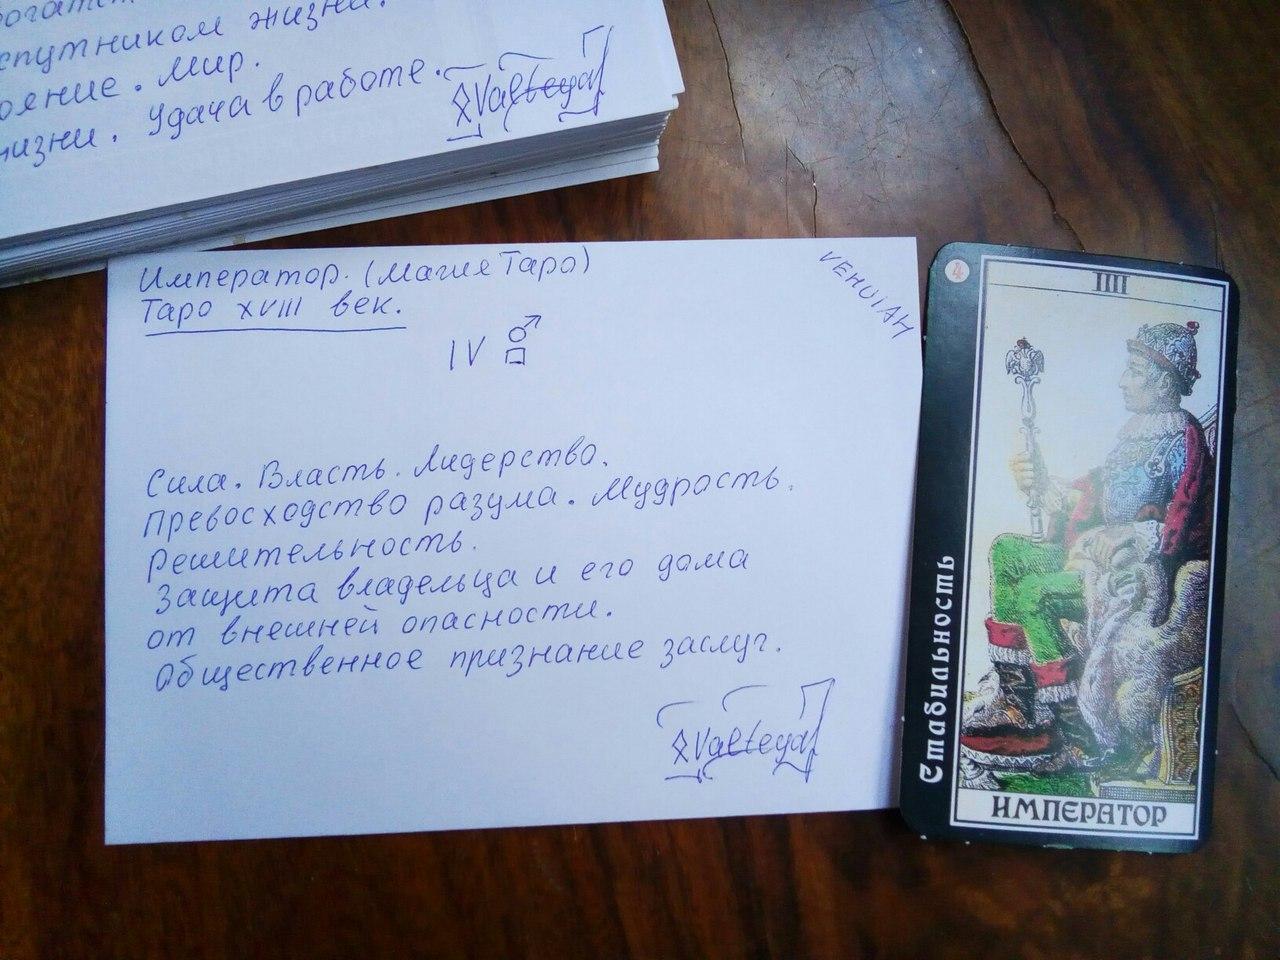 Рунограмма - Конверты с магическими программами от Елены Руденко. Ставы, символы, руническая магия.  - Страница 6 TDxRWQ7kQnc